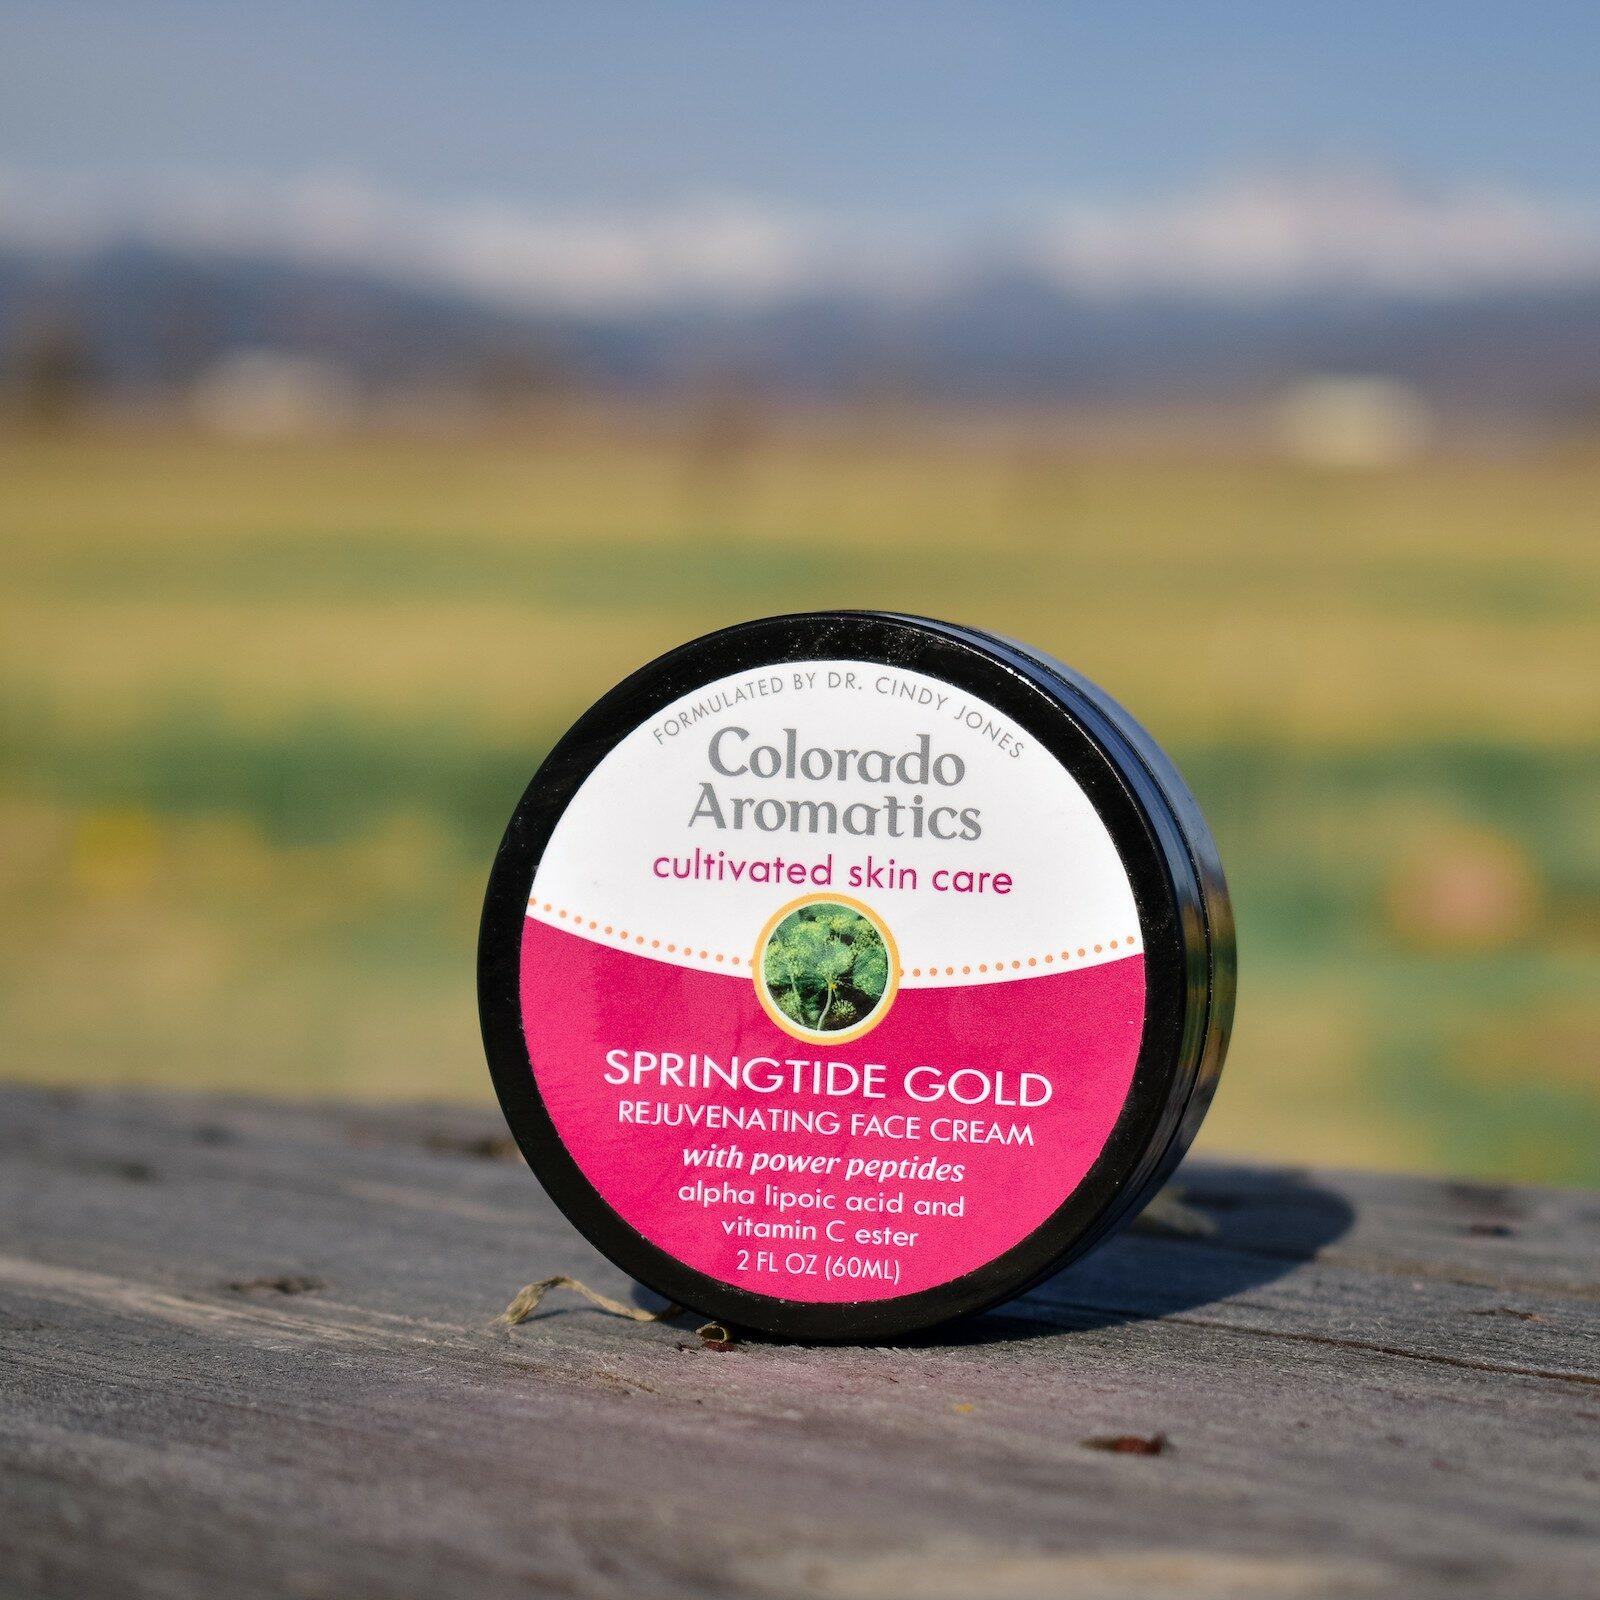 Image of the Colorado Aromatics Sprintide